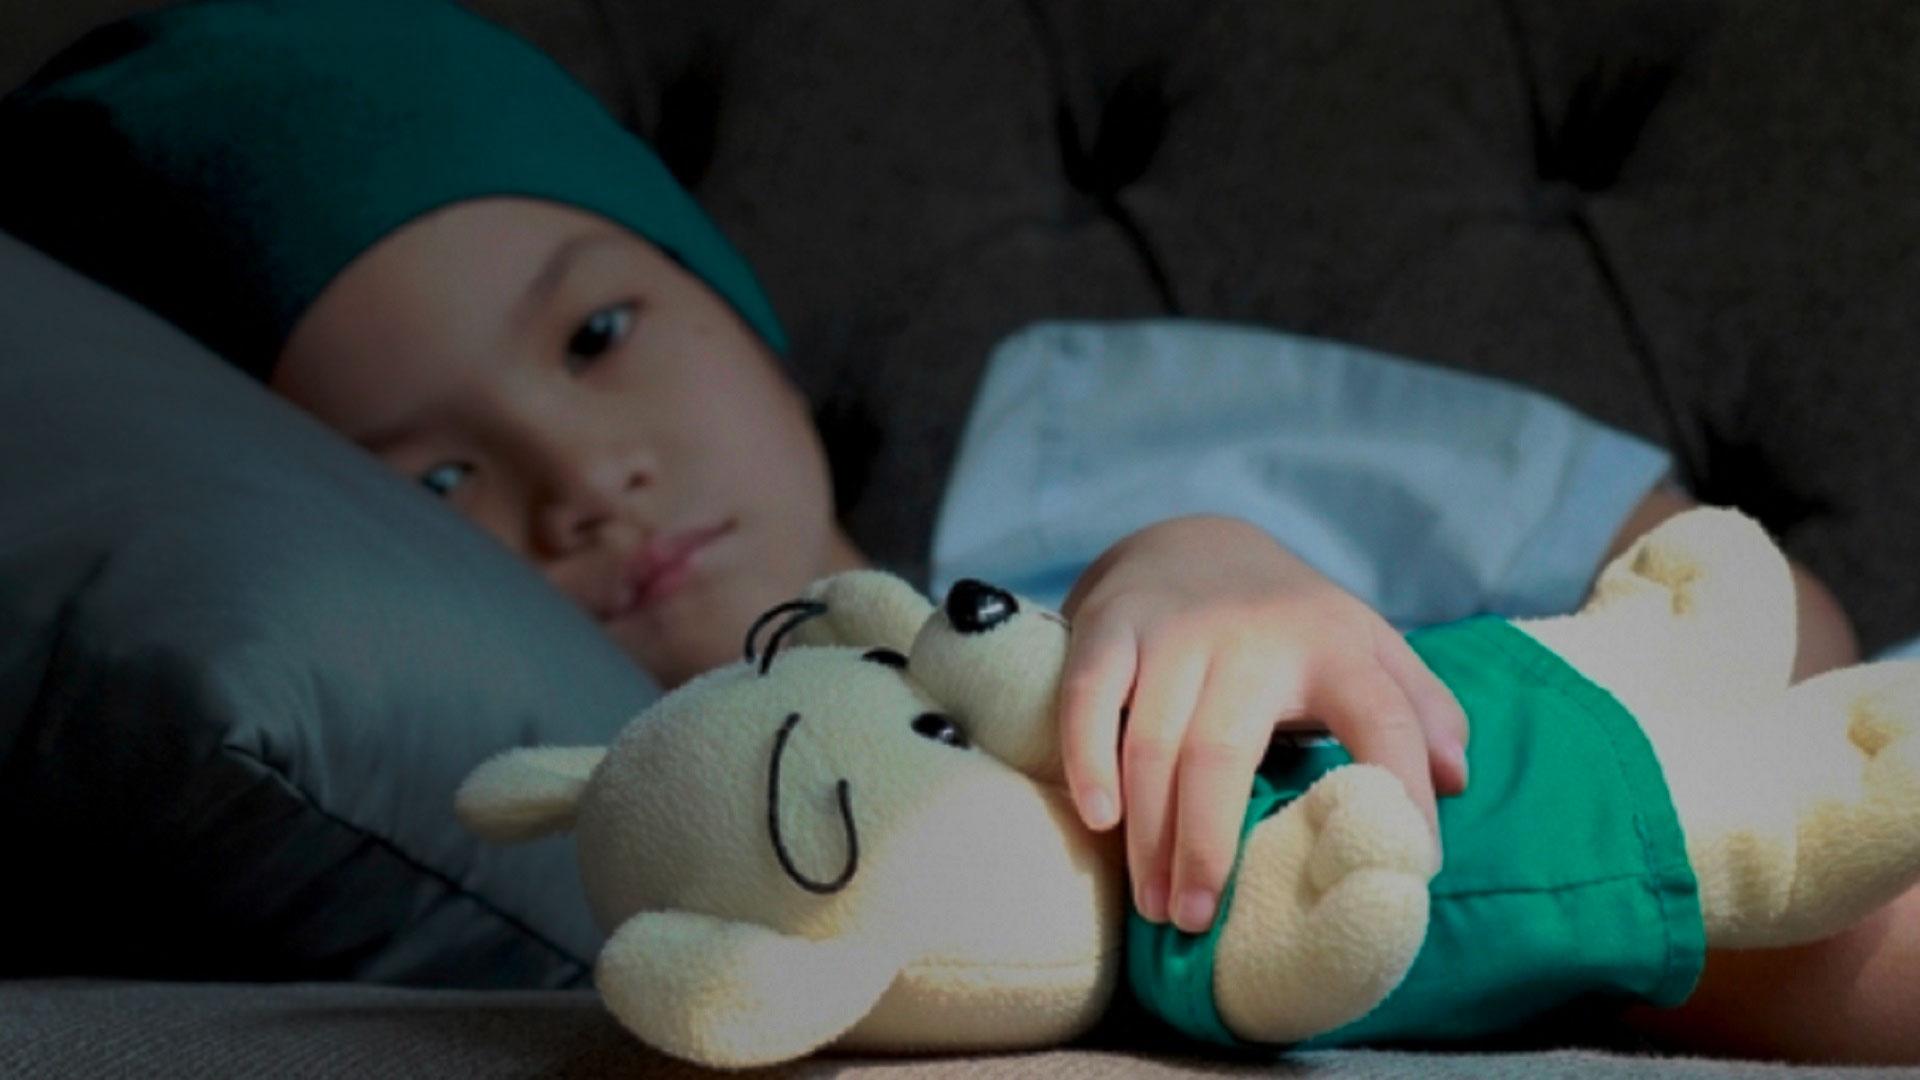 Quais síndromes genéticas podem aumentar o risco de câncer de uma criança